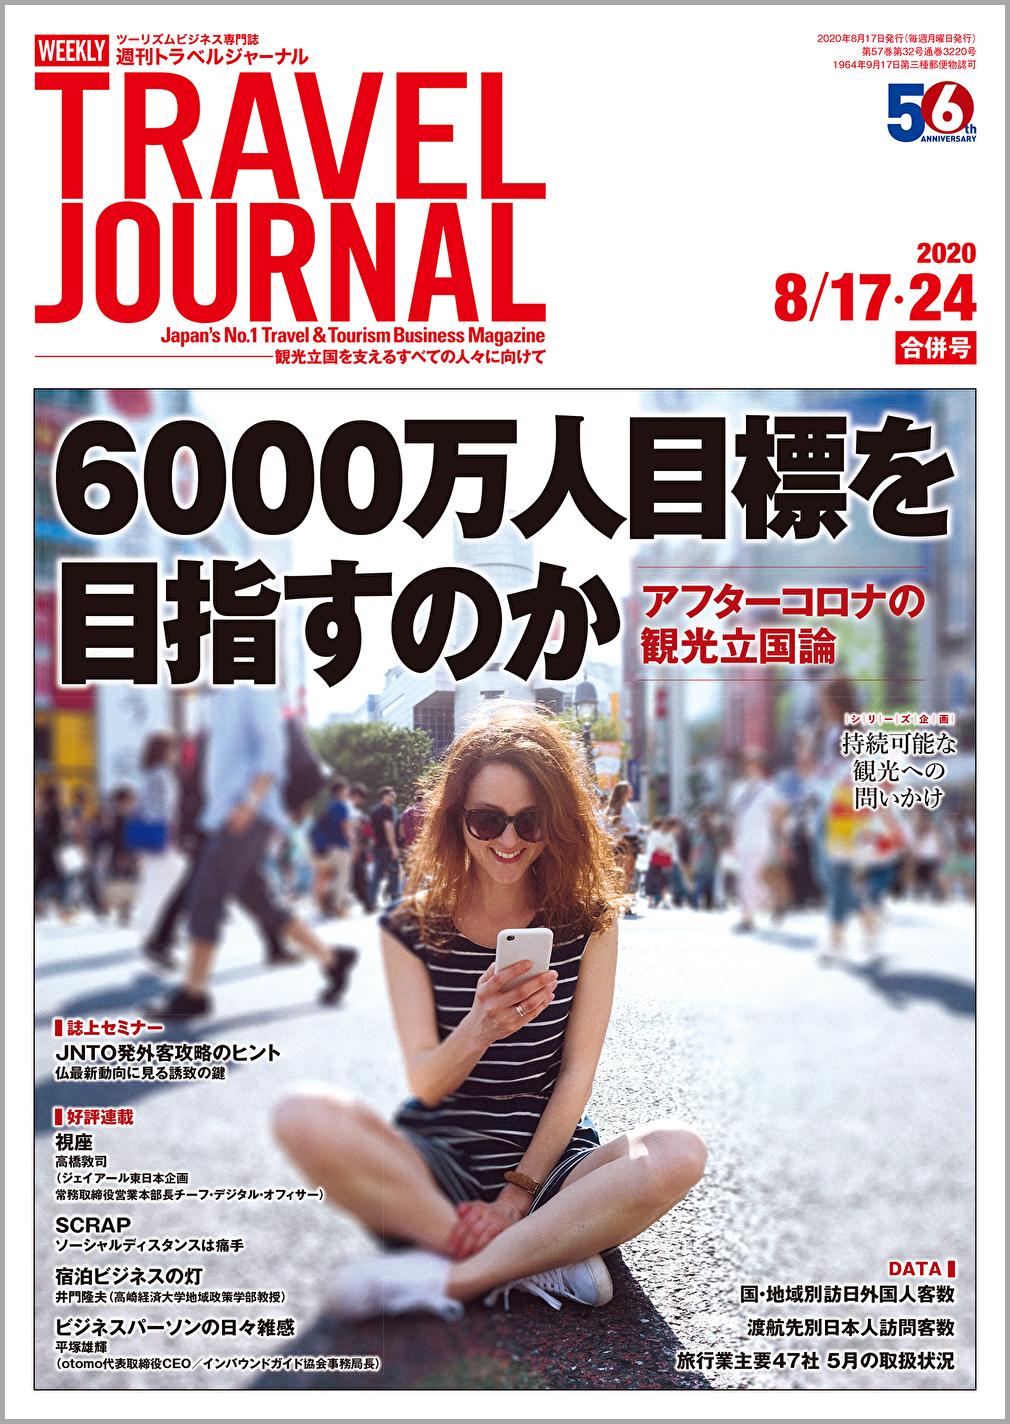 2020年8月17・24日号>6000万人目標を目指すのか アフターコロナの観光立国論